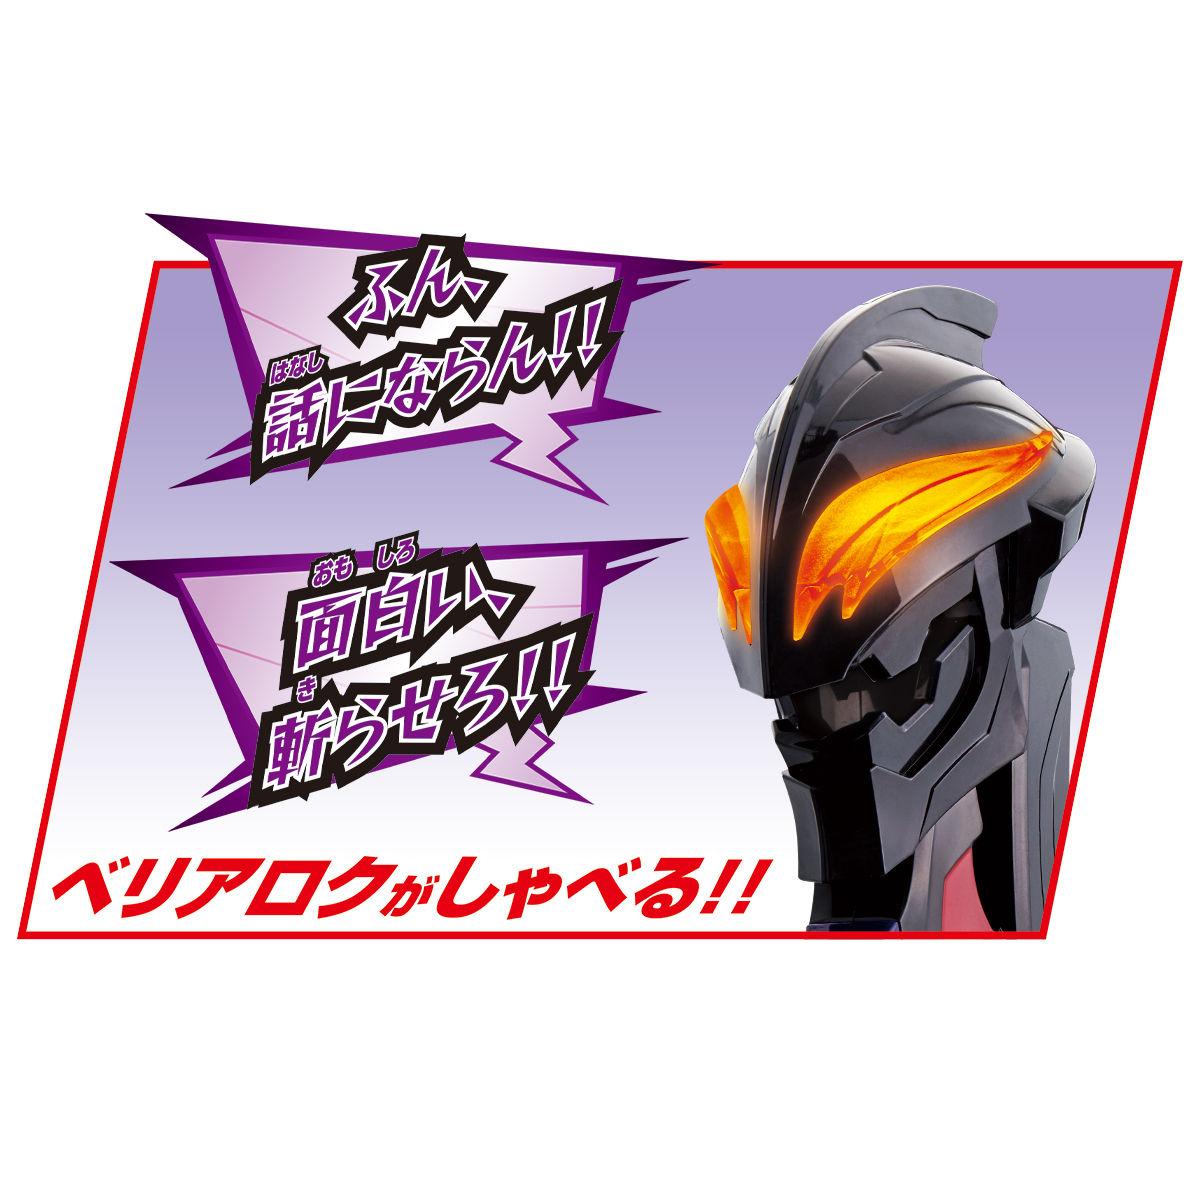 ウルトラマンZ『幻界魔剣 DXベリアロク』変身なりきり-003